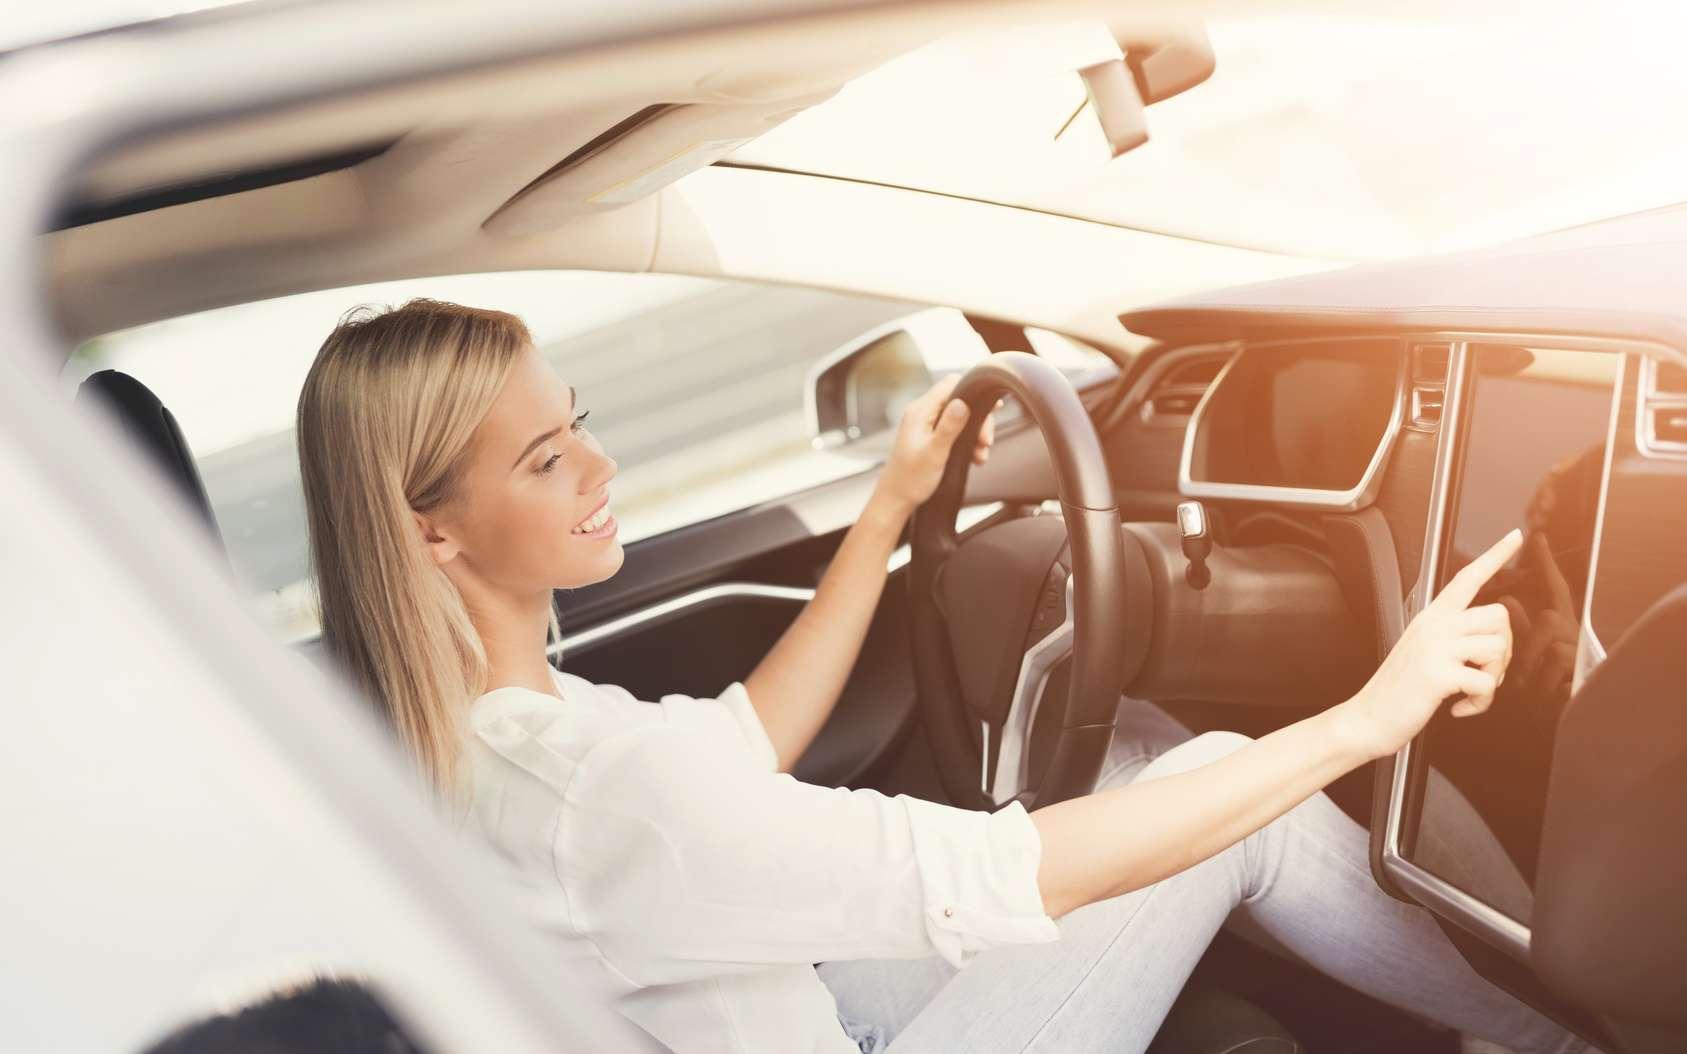 Les démarches pour obtenir rapidement son permis de conduire